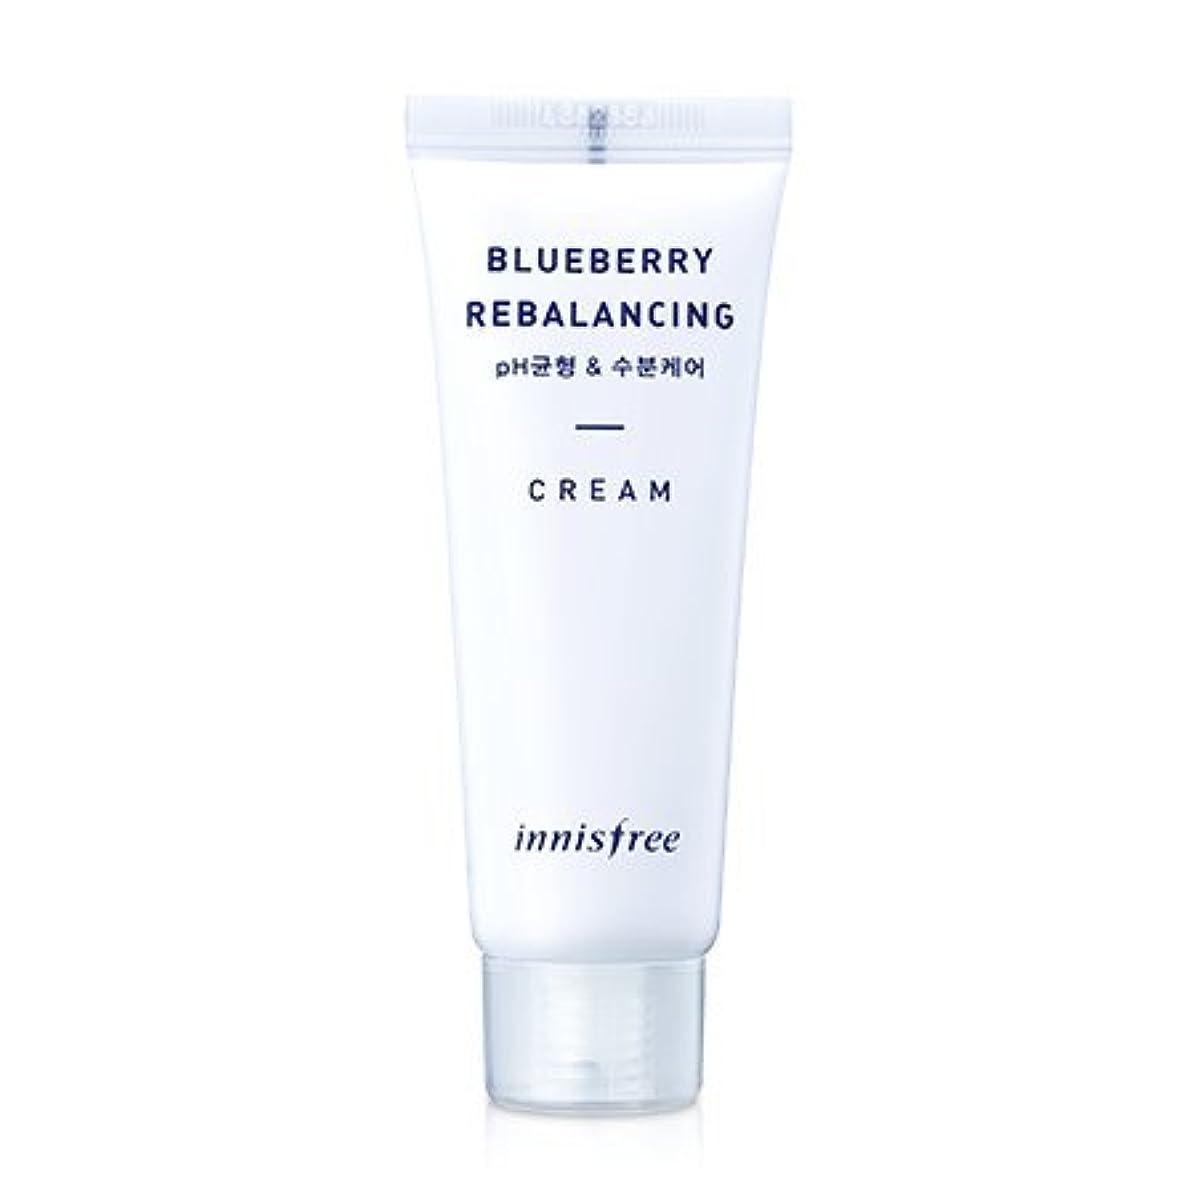 スペイン寂しい貞[innisfree(イニスフリー)] Super food_ Blueberry rebalancing cream (50ml) スーパーフード_ブルーベリーリベルロンシンクリーム[並行輸入品][海外直送品]